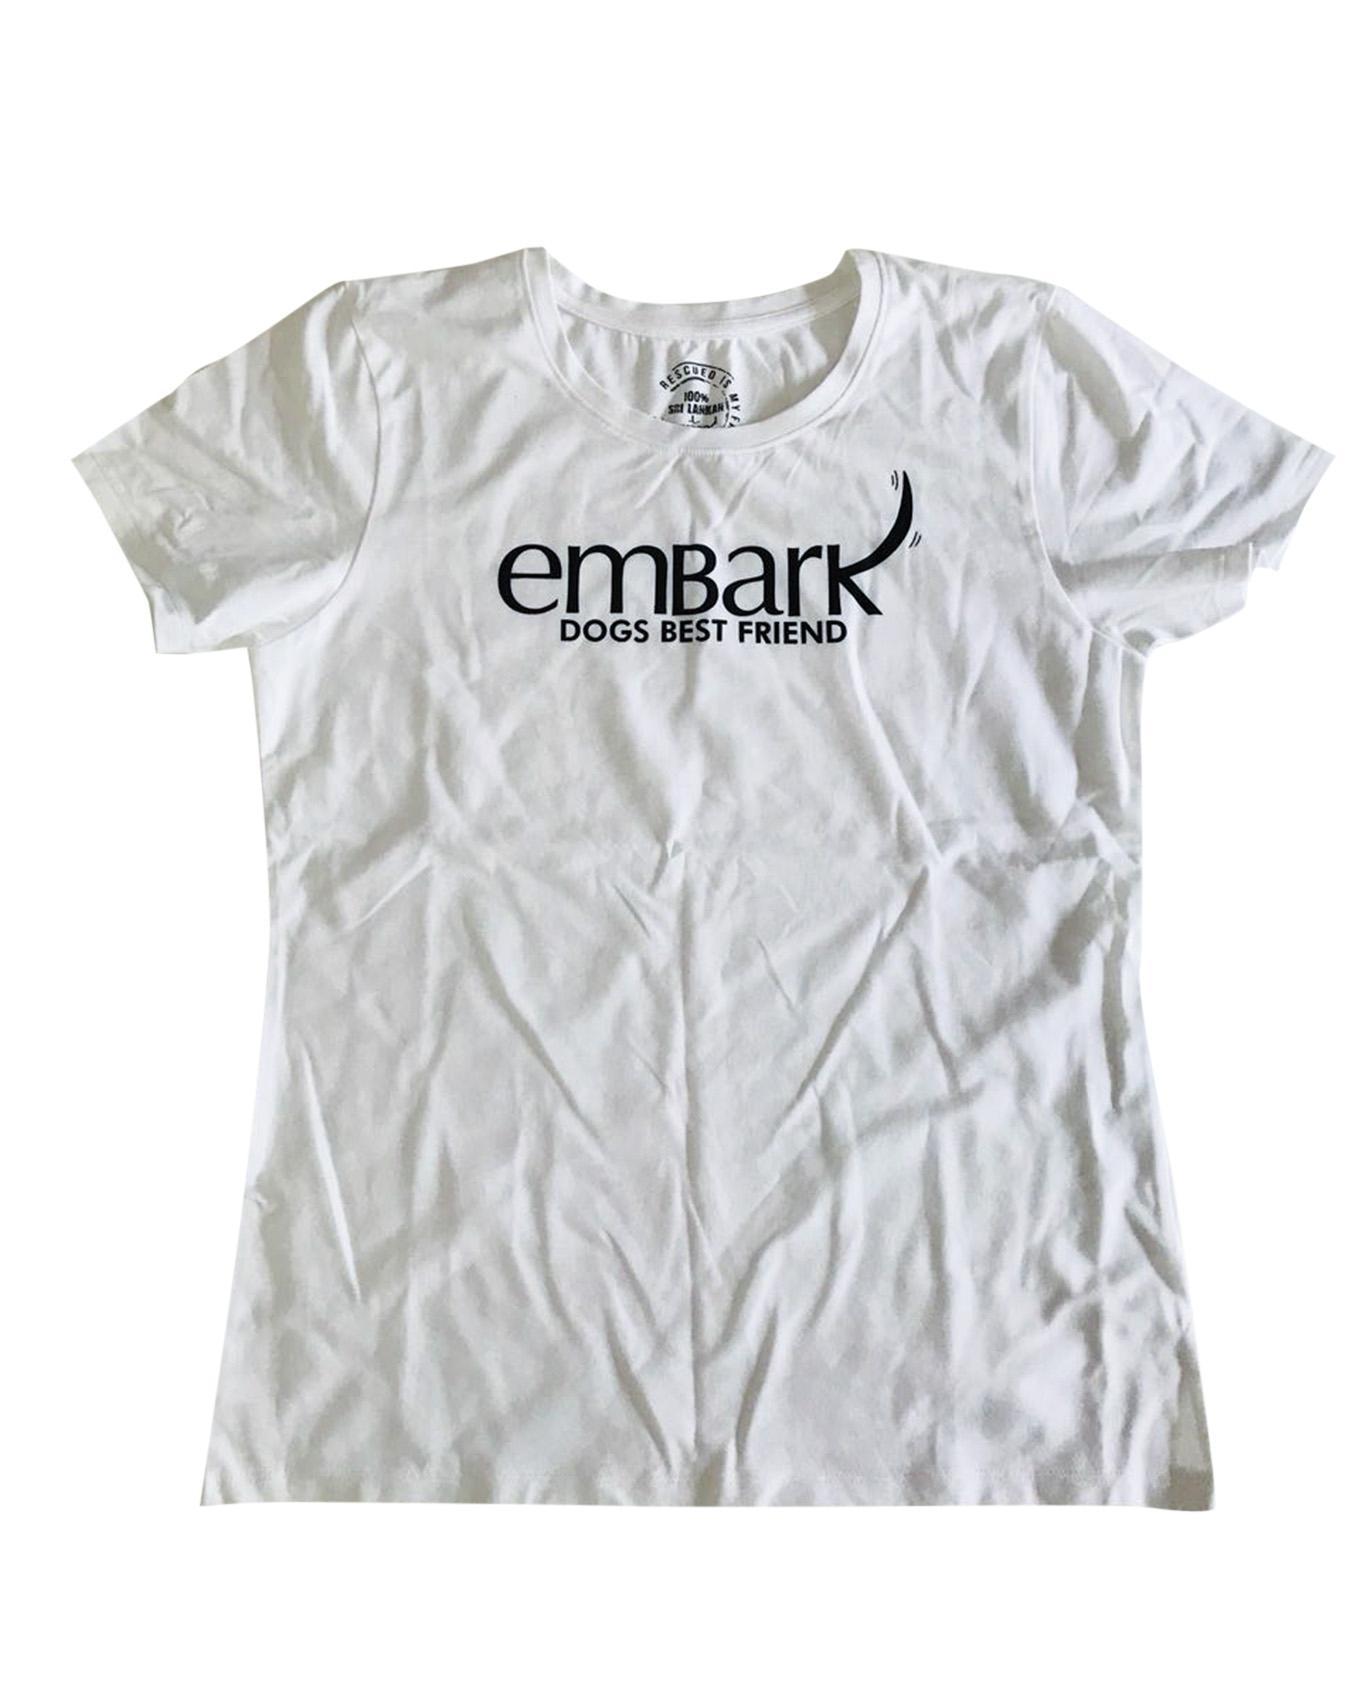 Unisex Dogs Best Friend White Tshirt